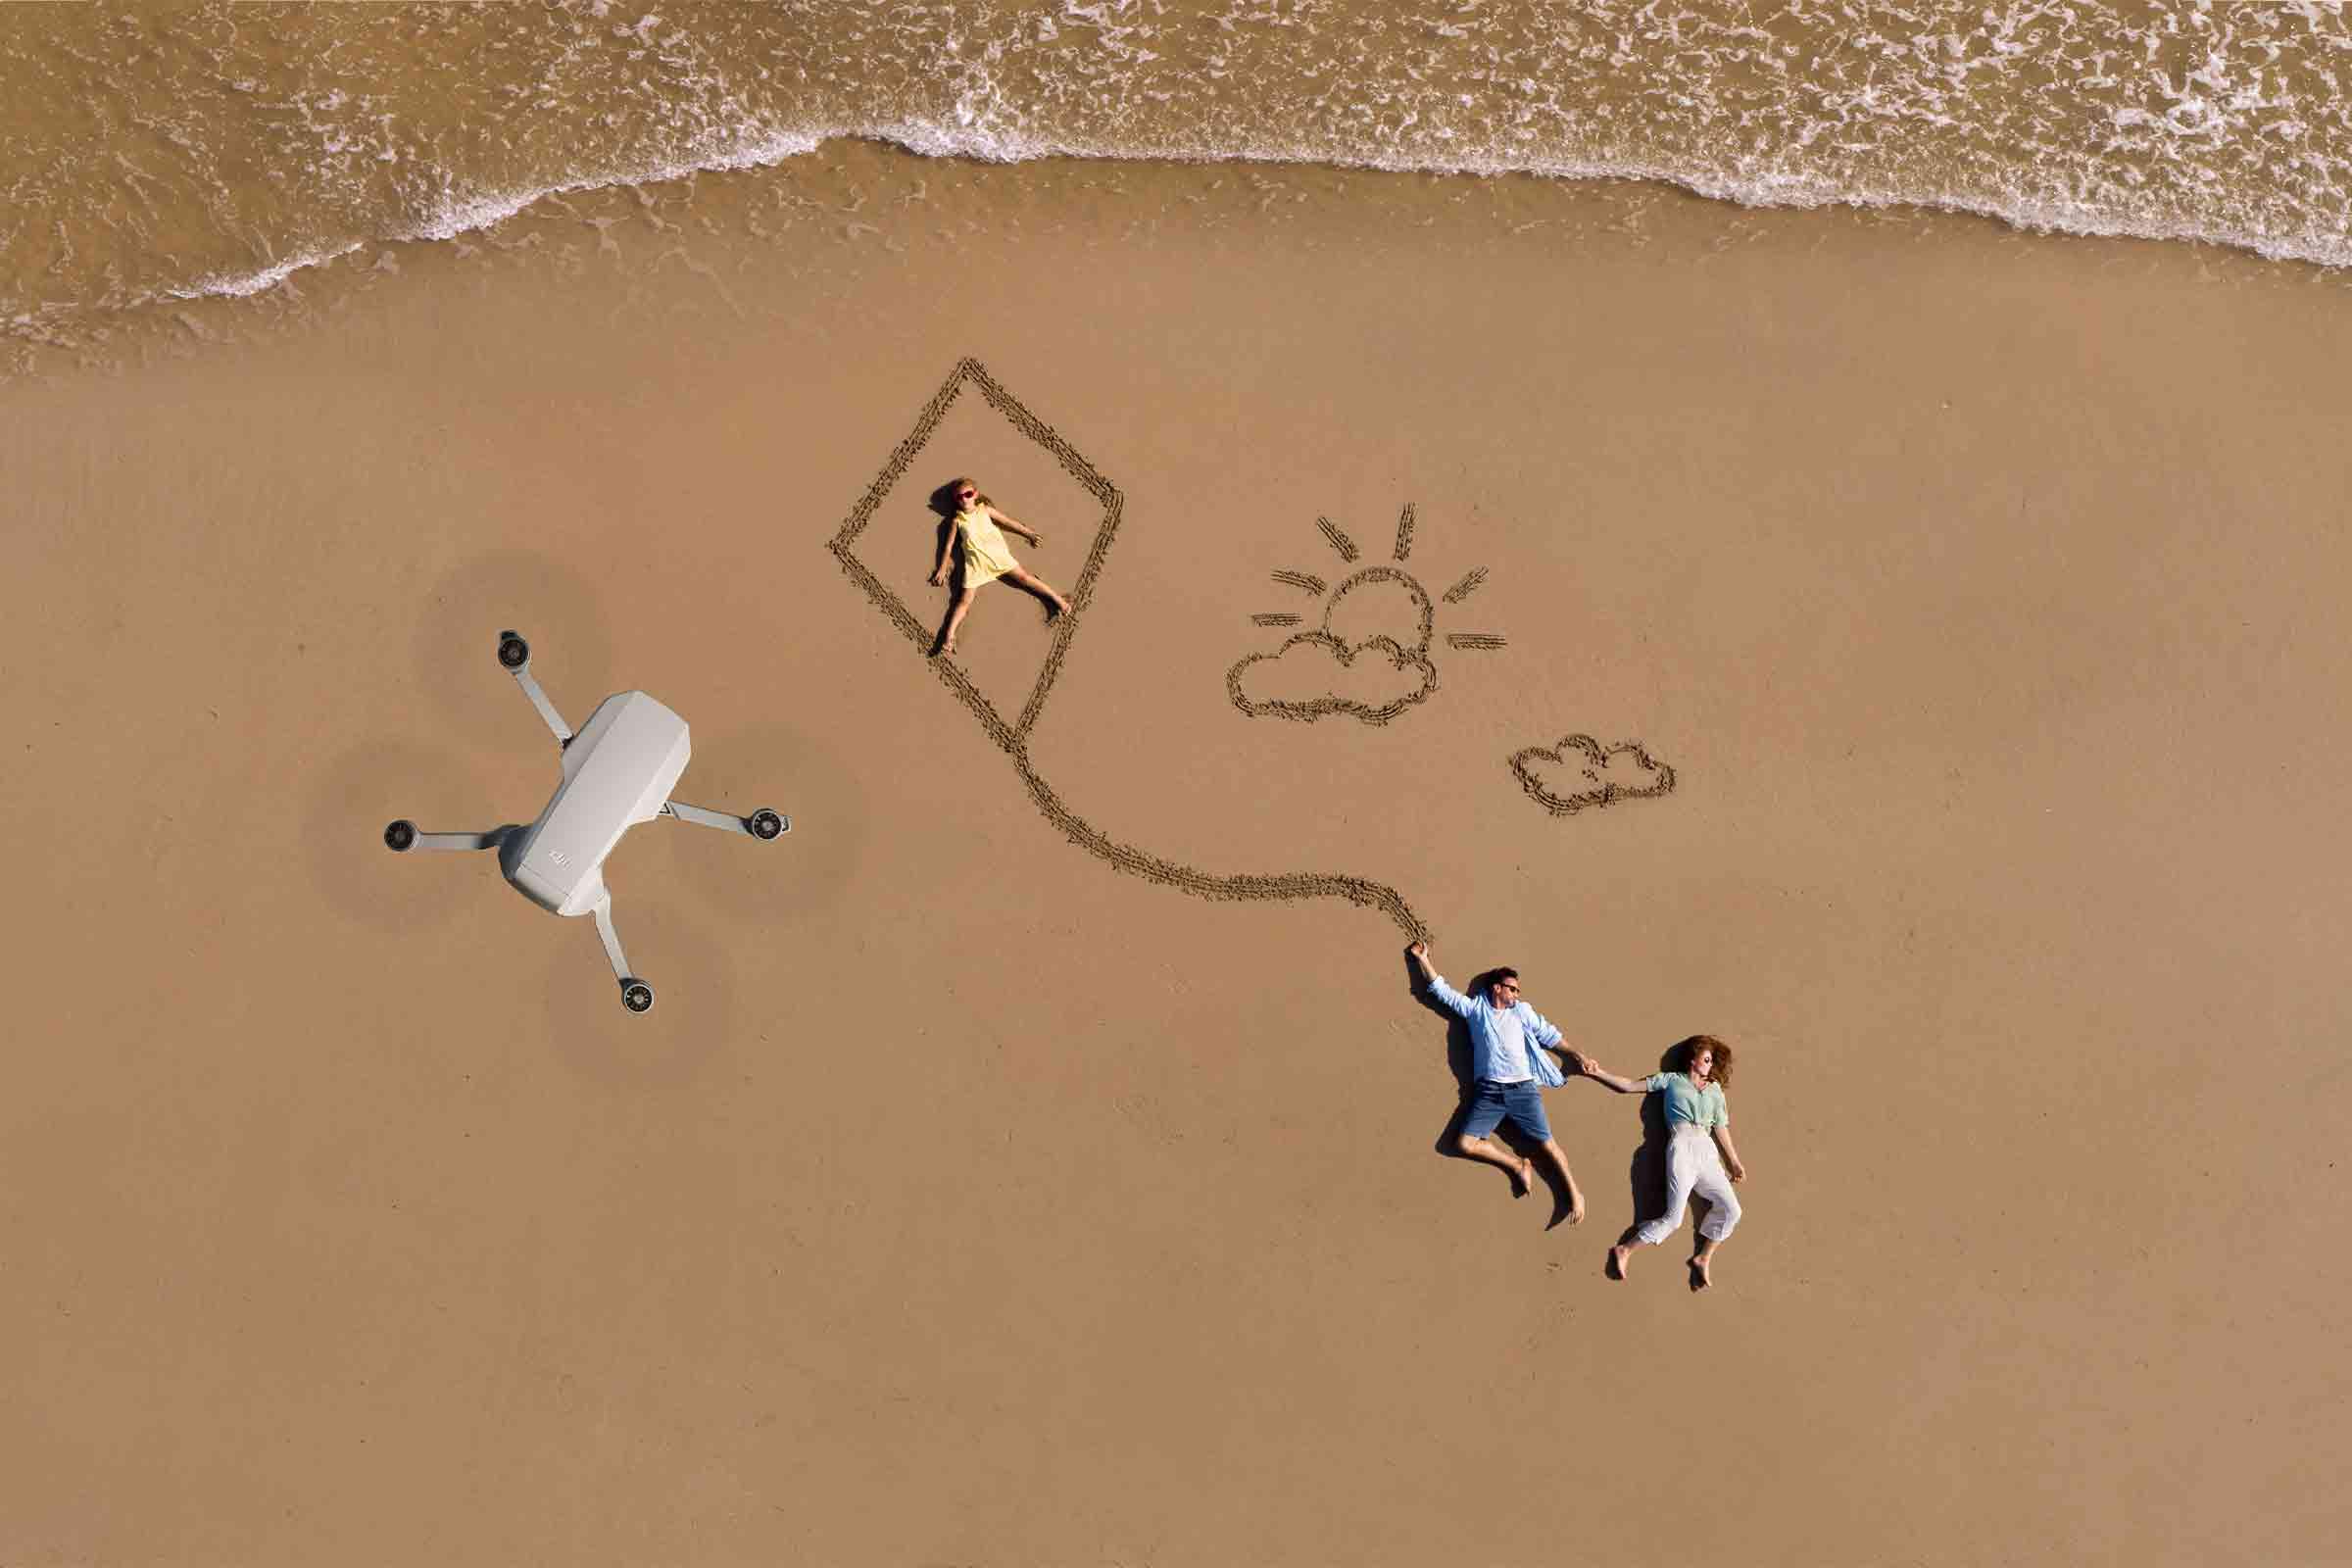 DJI Mini 2 seaside